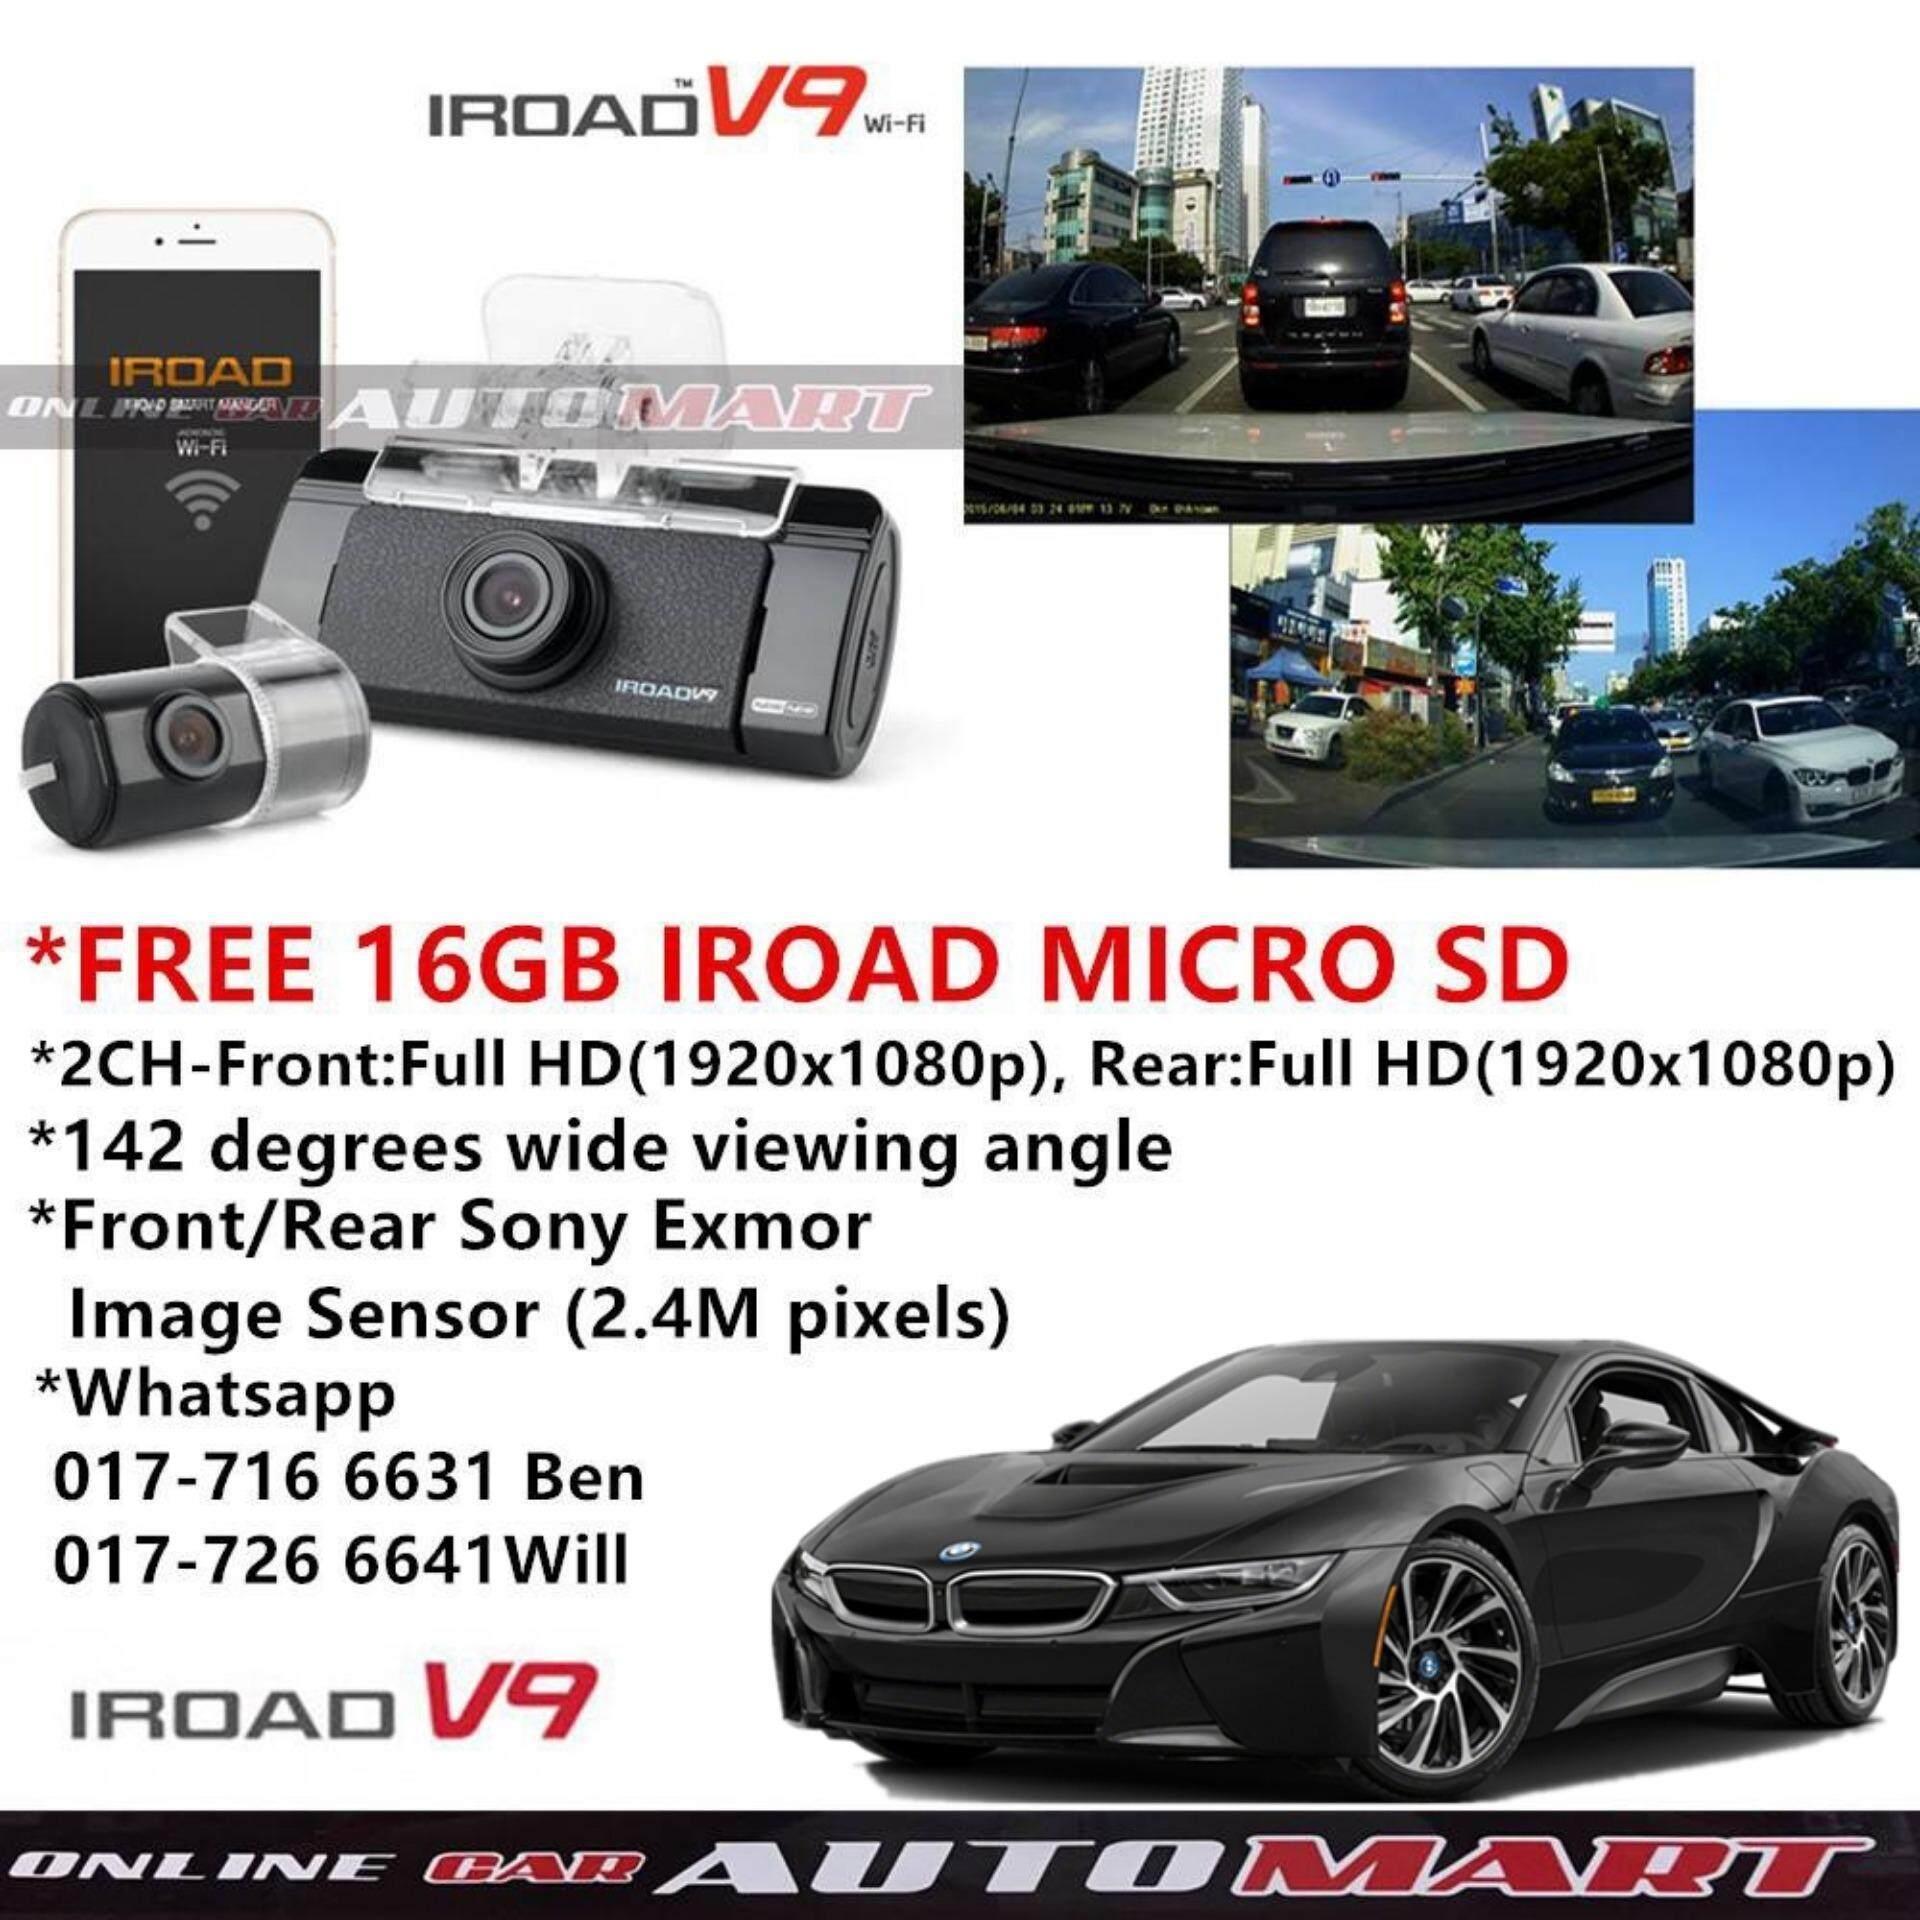 Bmw I8 Iroad V9 Dvr Recorder Front Rear Full Hd1920 Night Vision